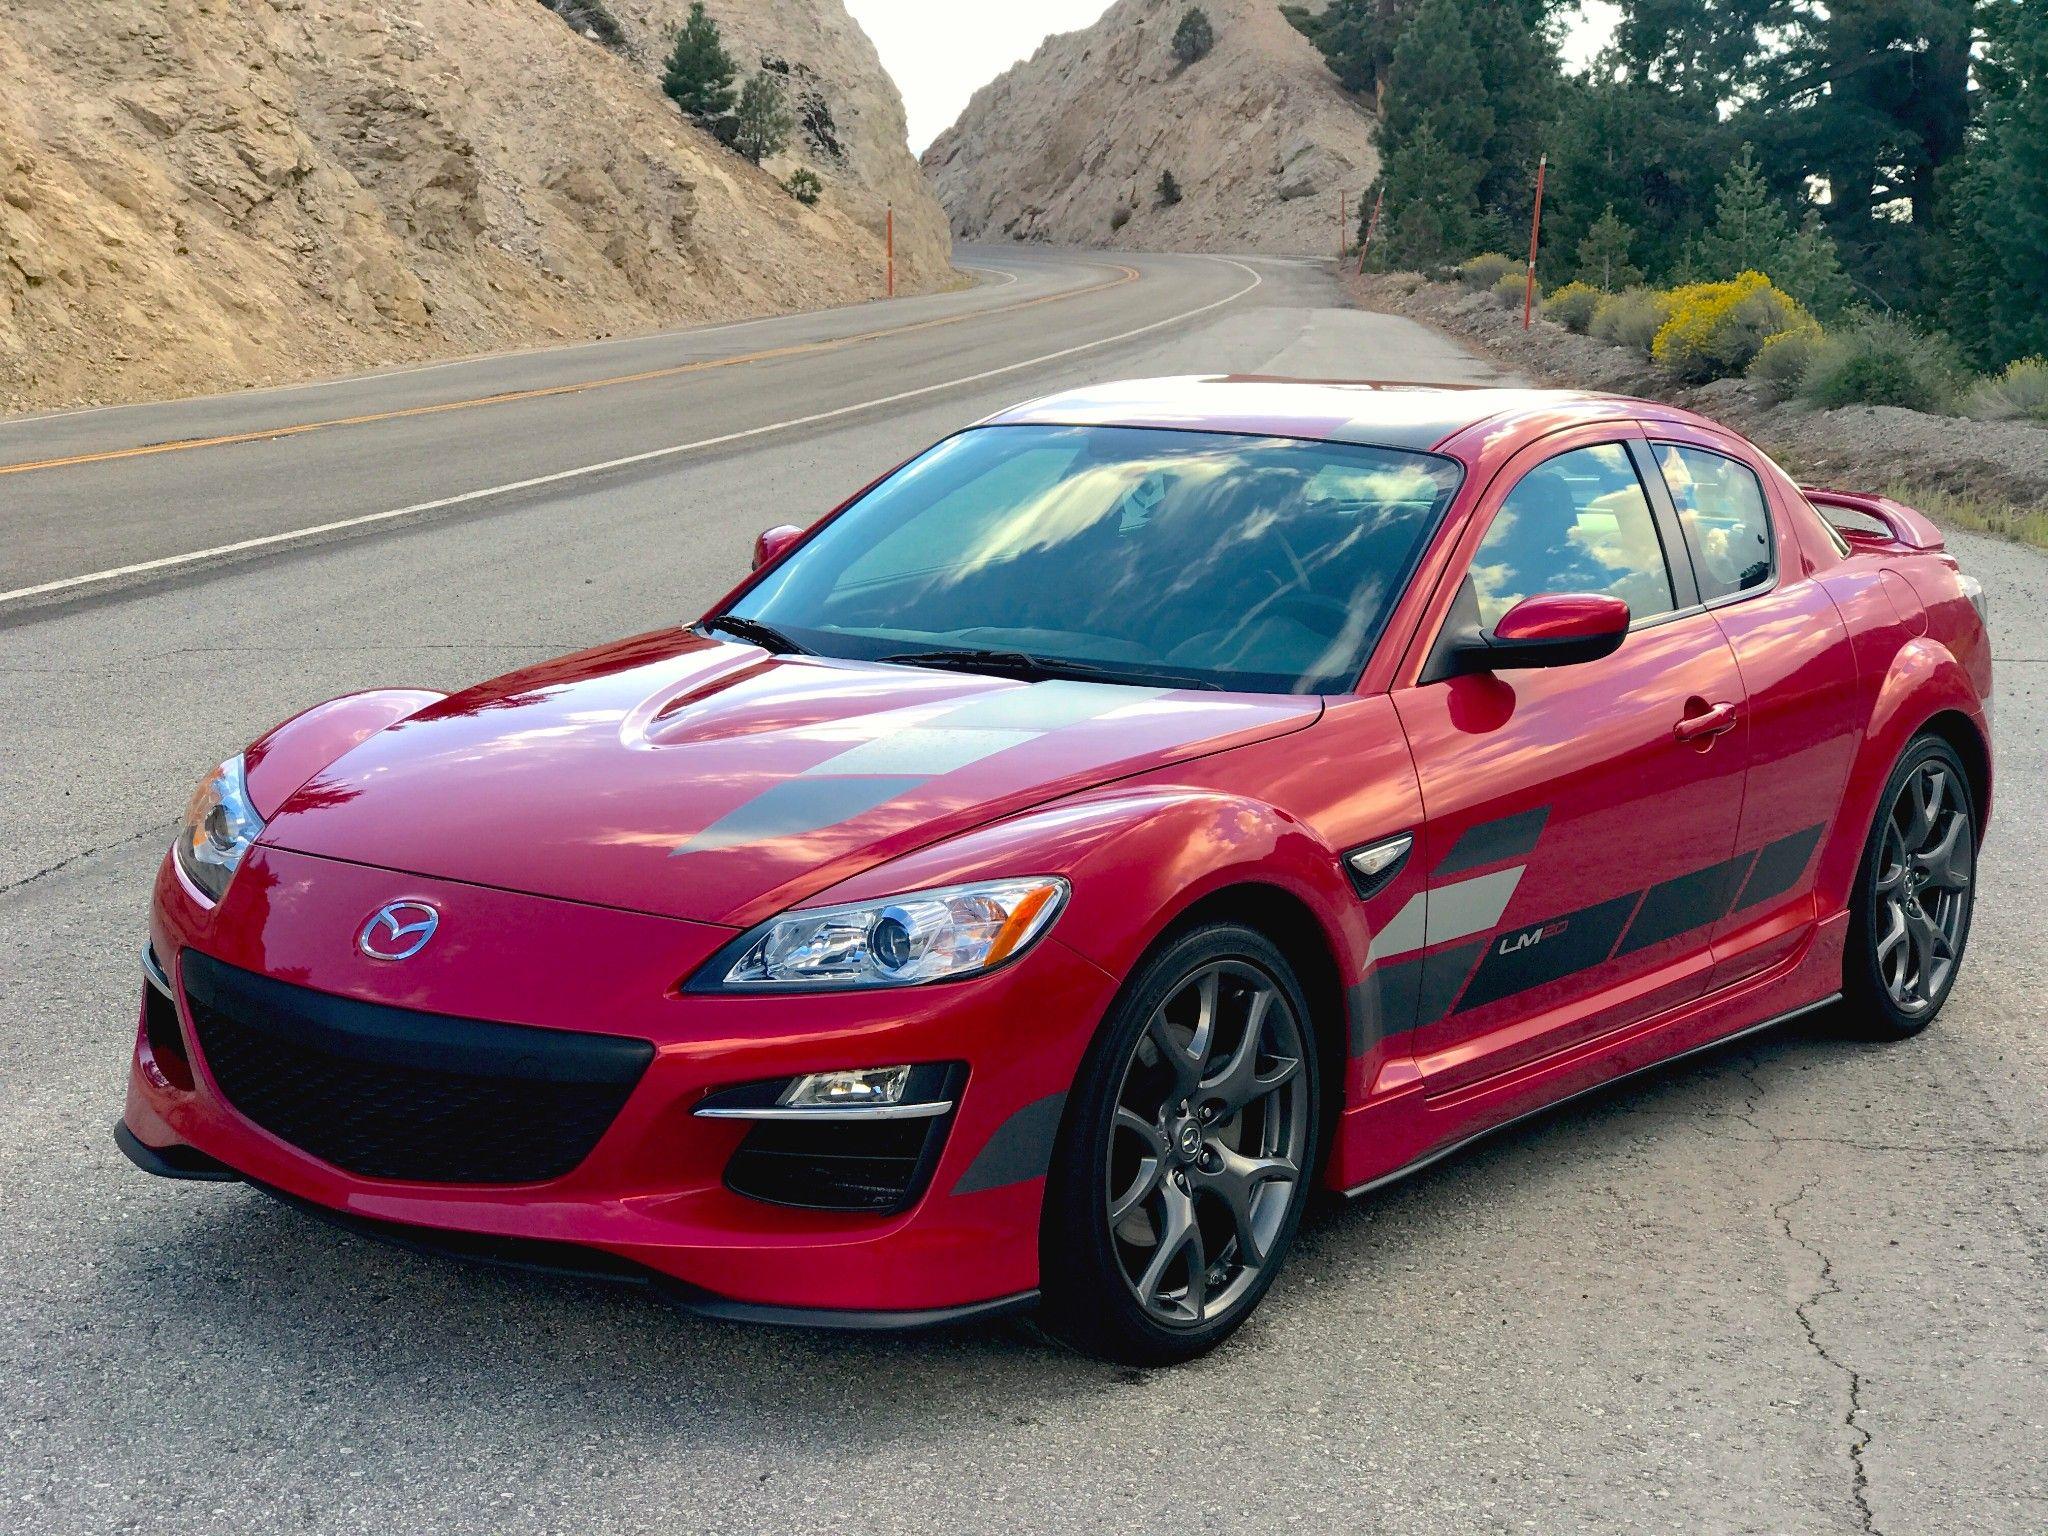 2011 Mazda Rx 8 R3 Lm20 In 2020 Mazda Sport Cars Motor Car